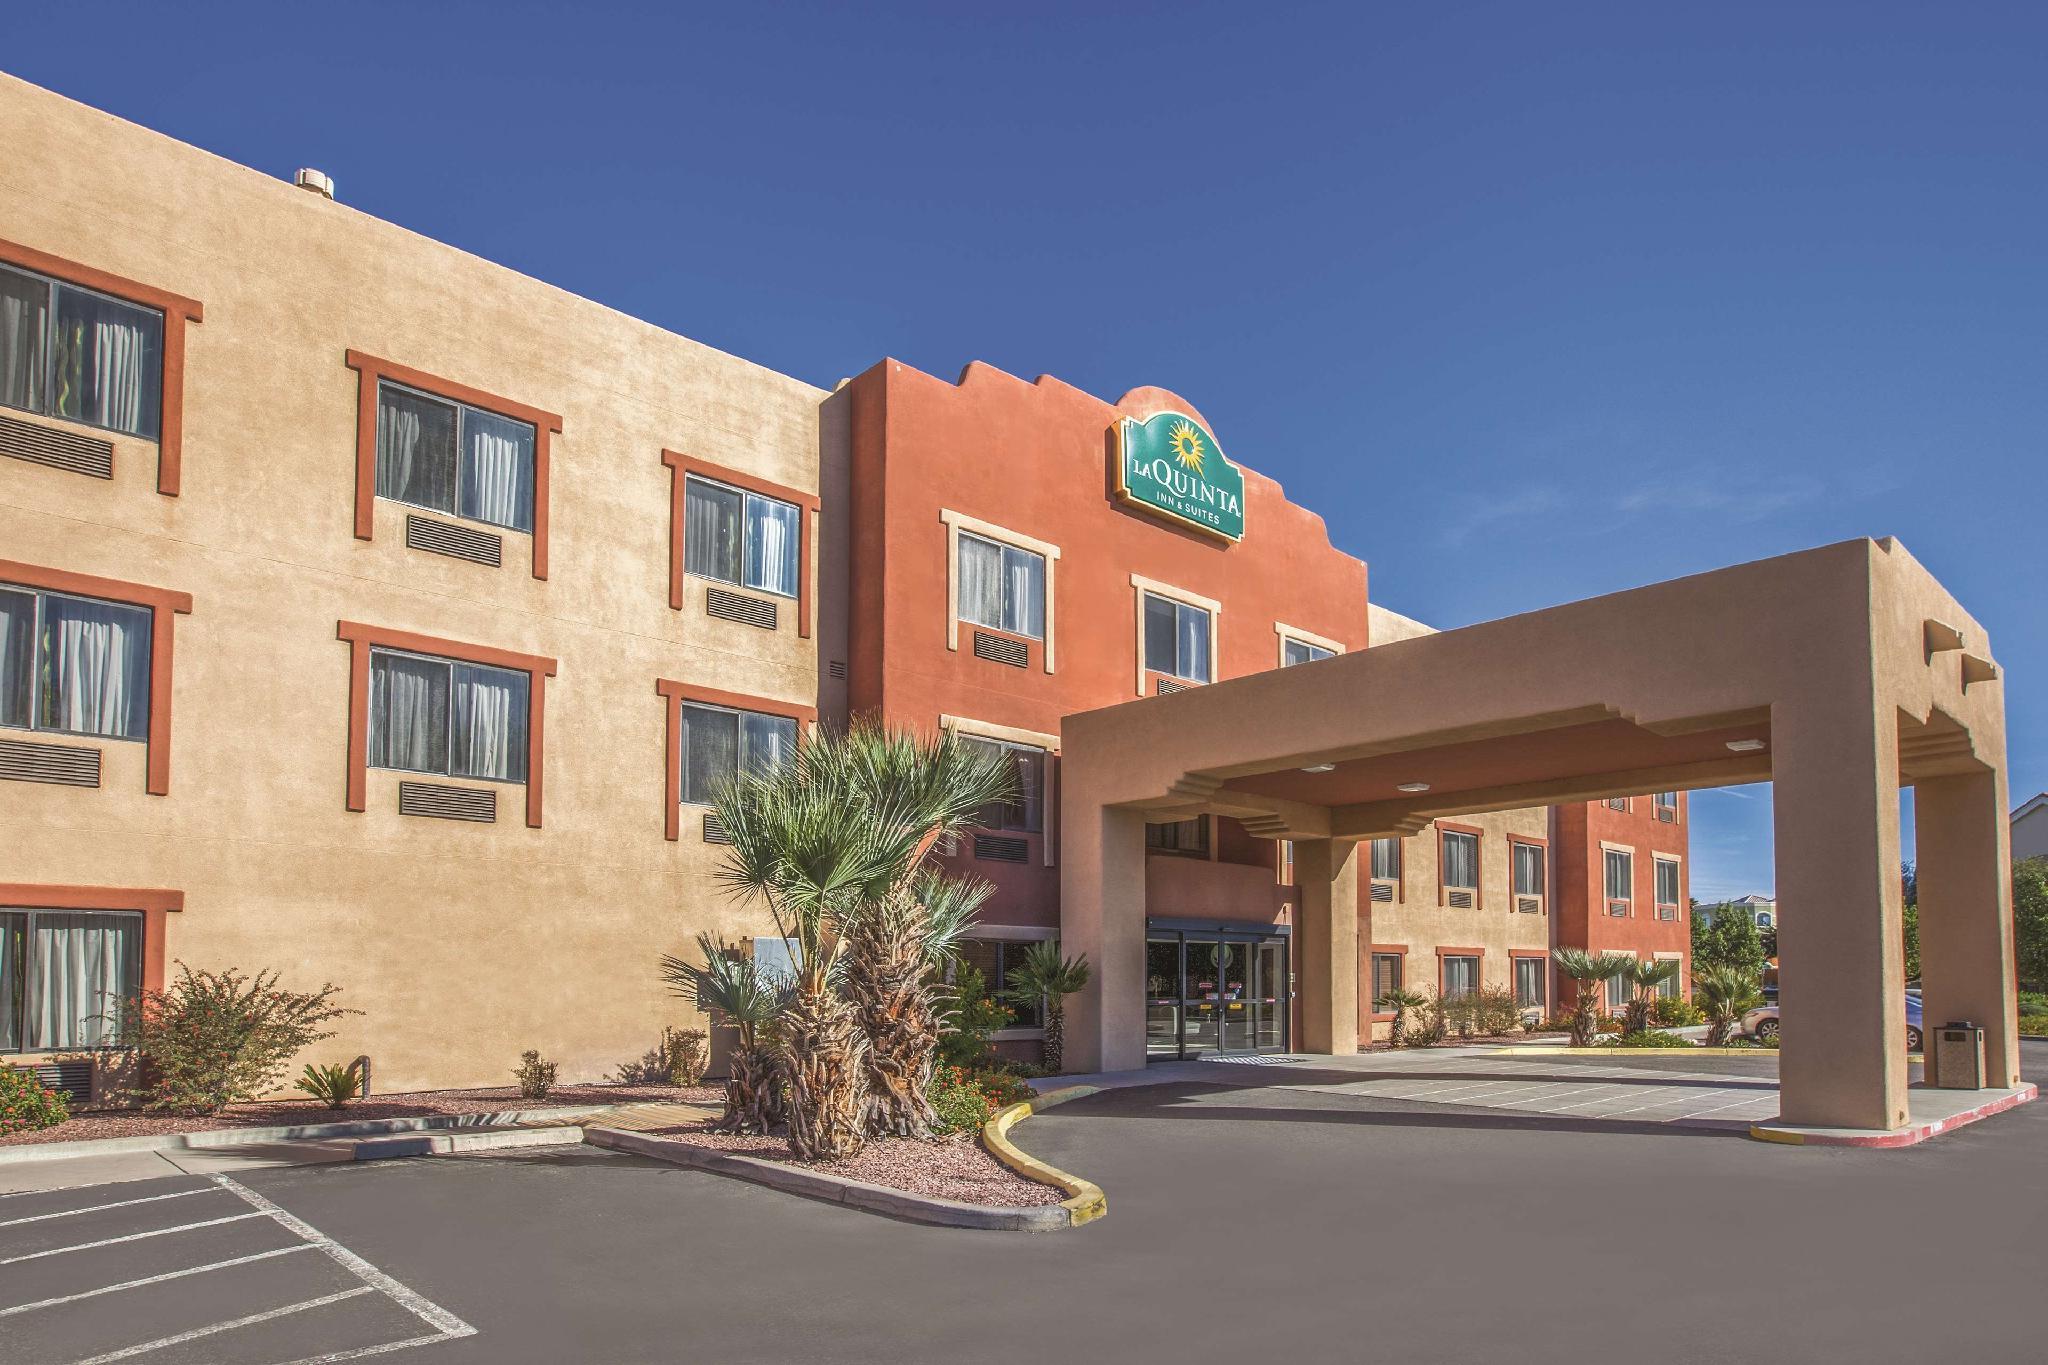 La Quinta Inn And Suites By Wyndham NW Tucson Marana